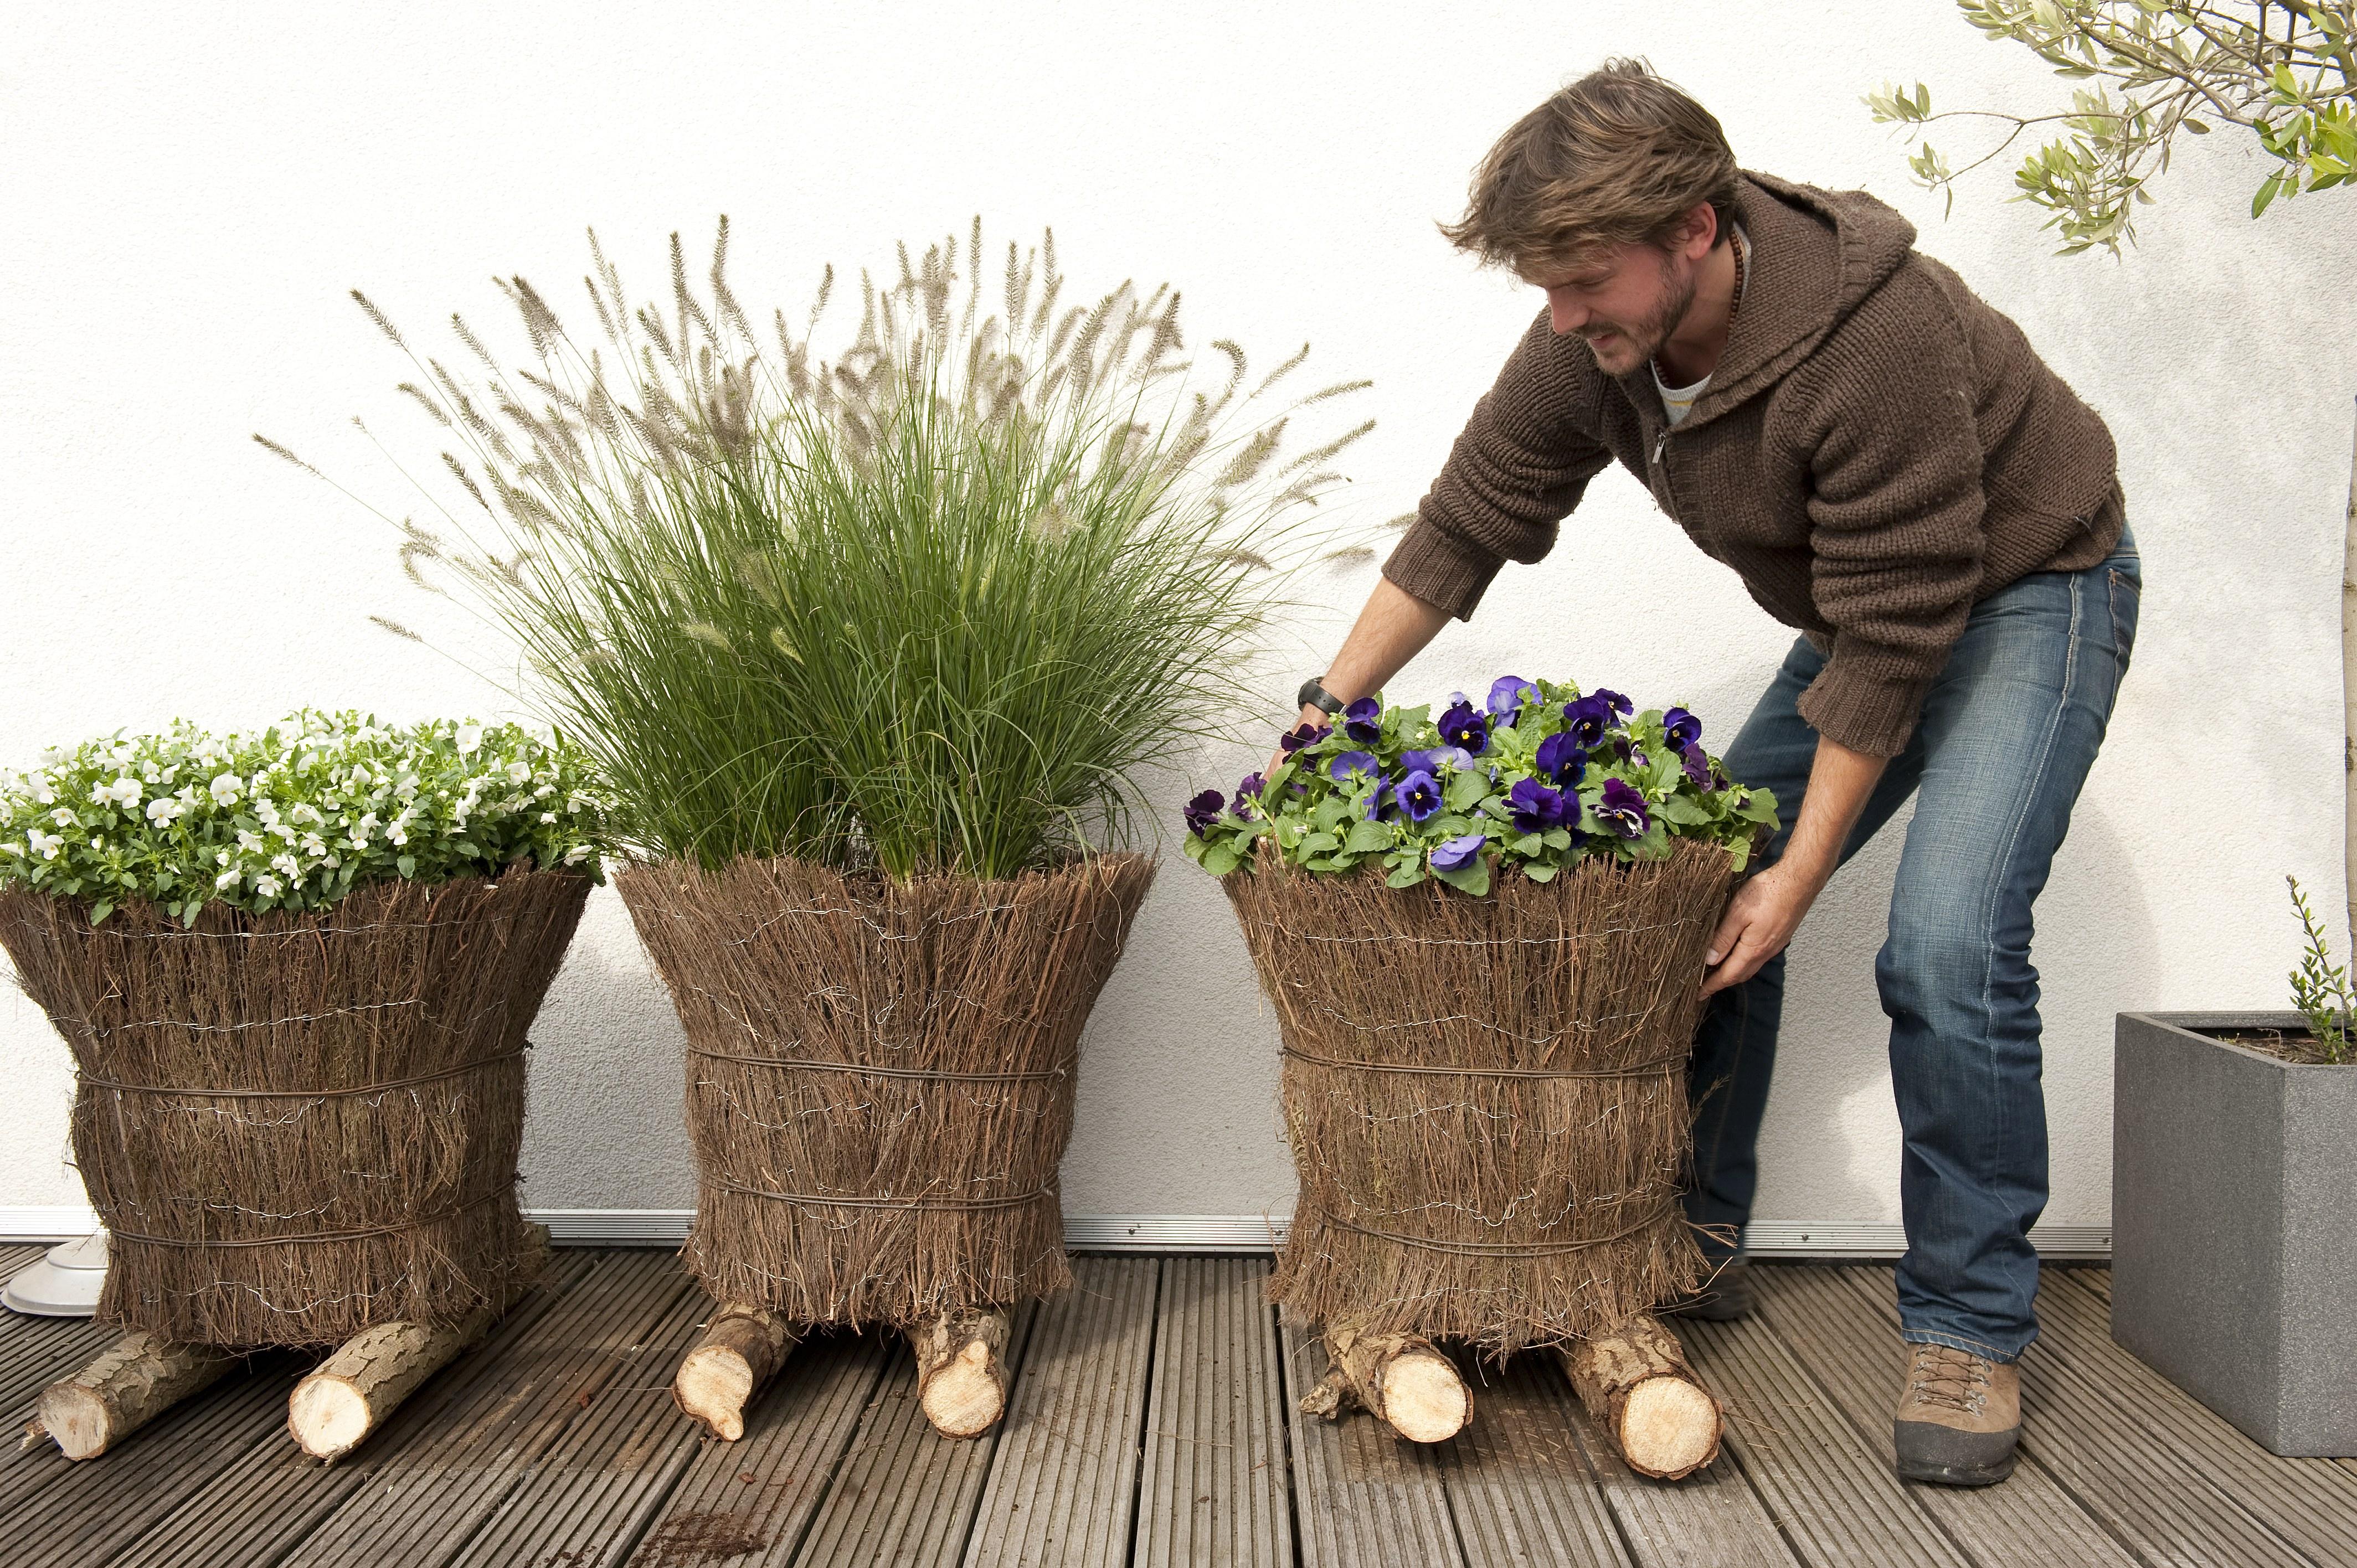 Grune Oasen Mit Wenig Aufwand Selber Pflanzen Und Bis In Den